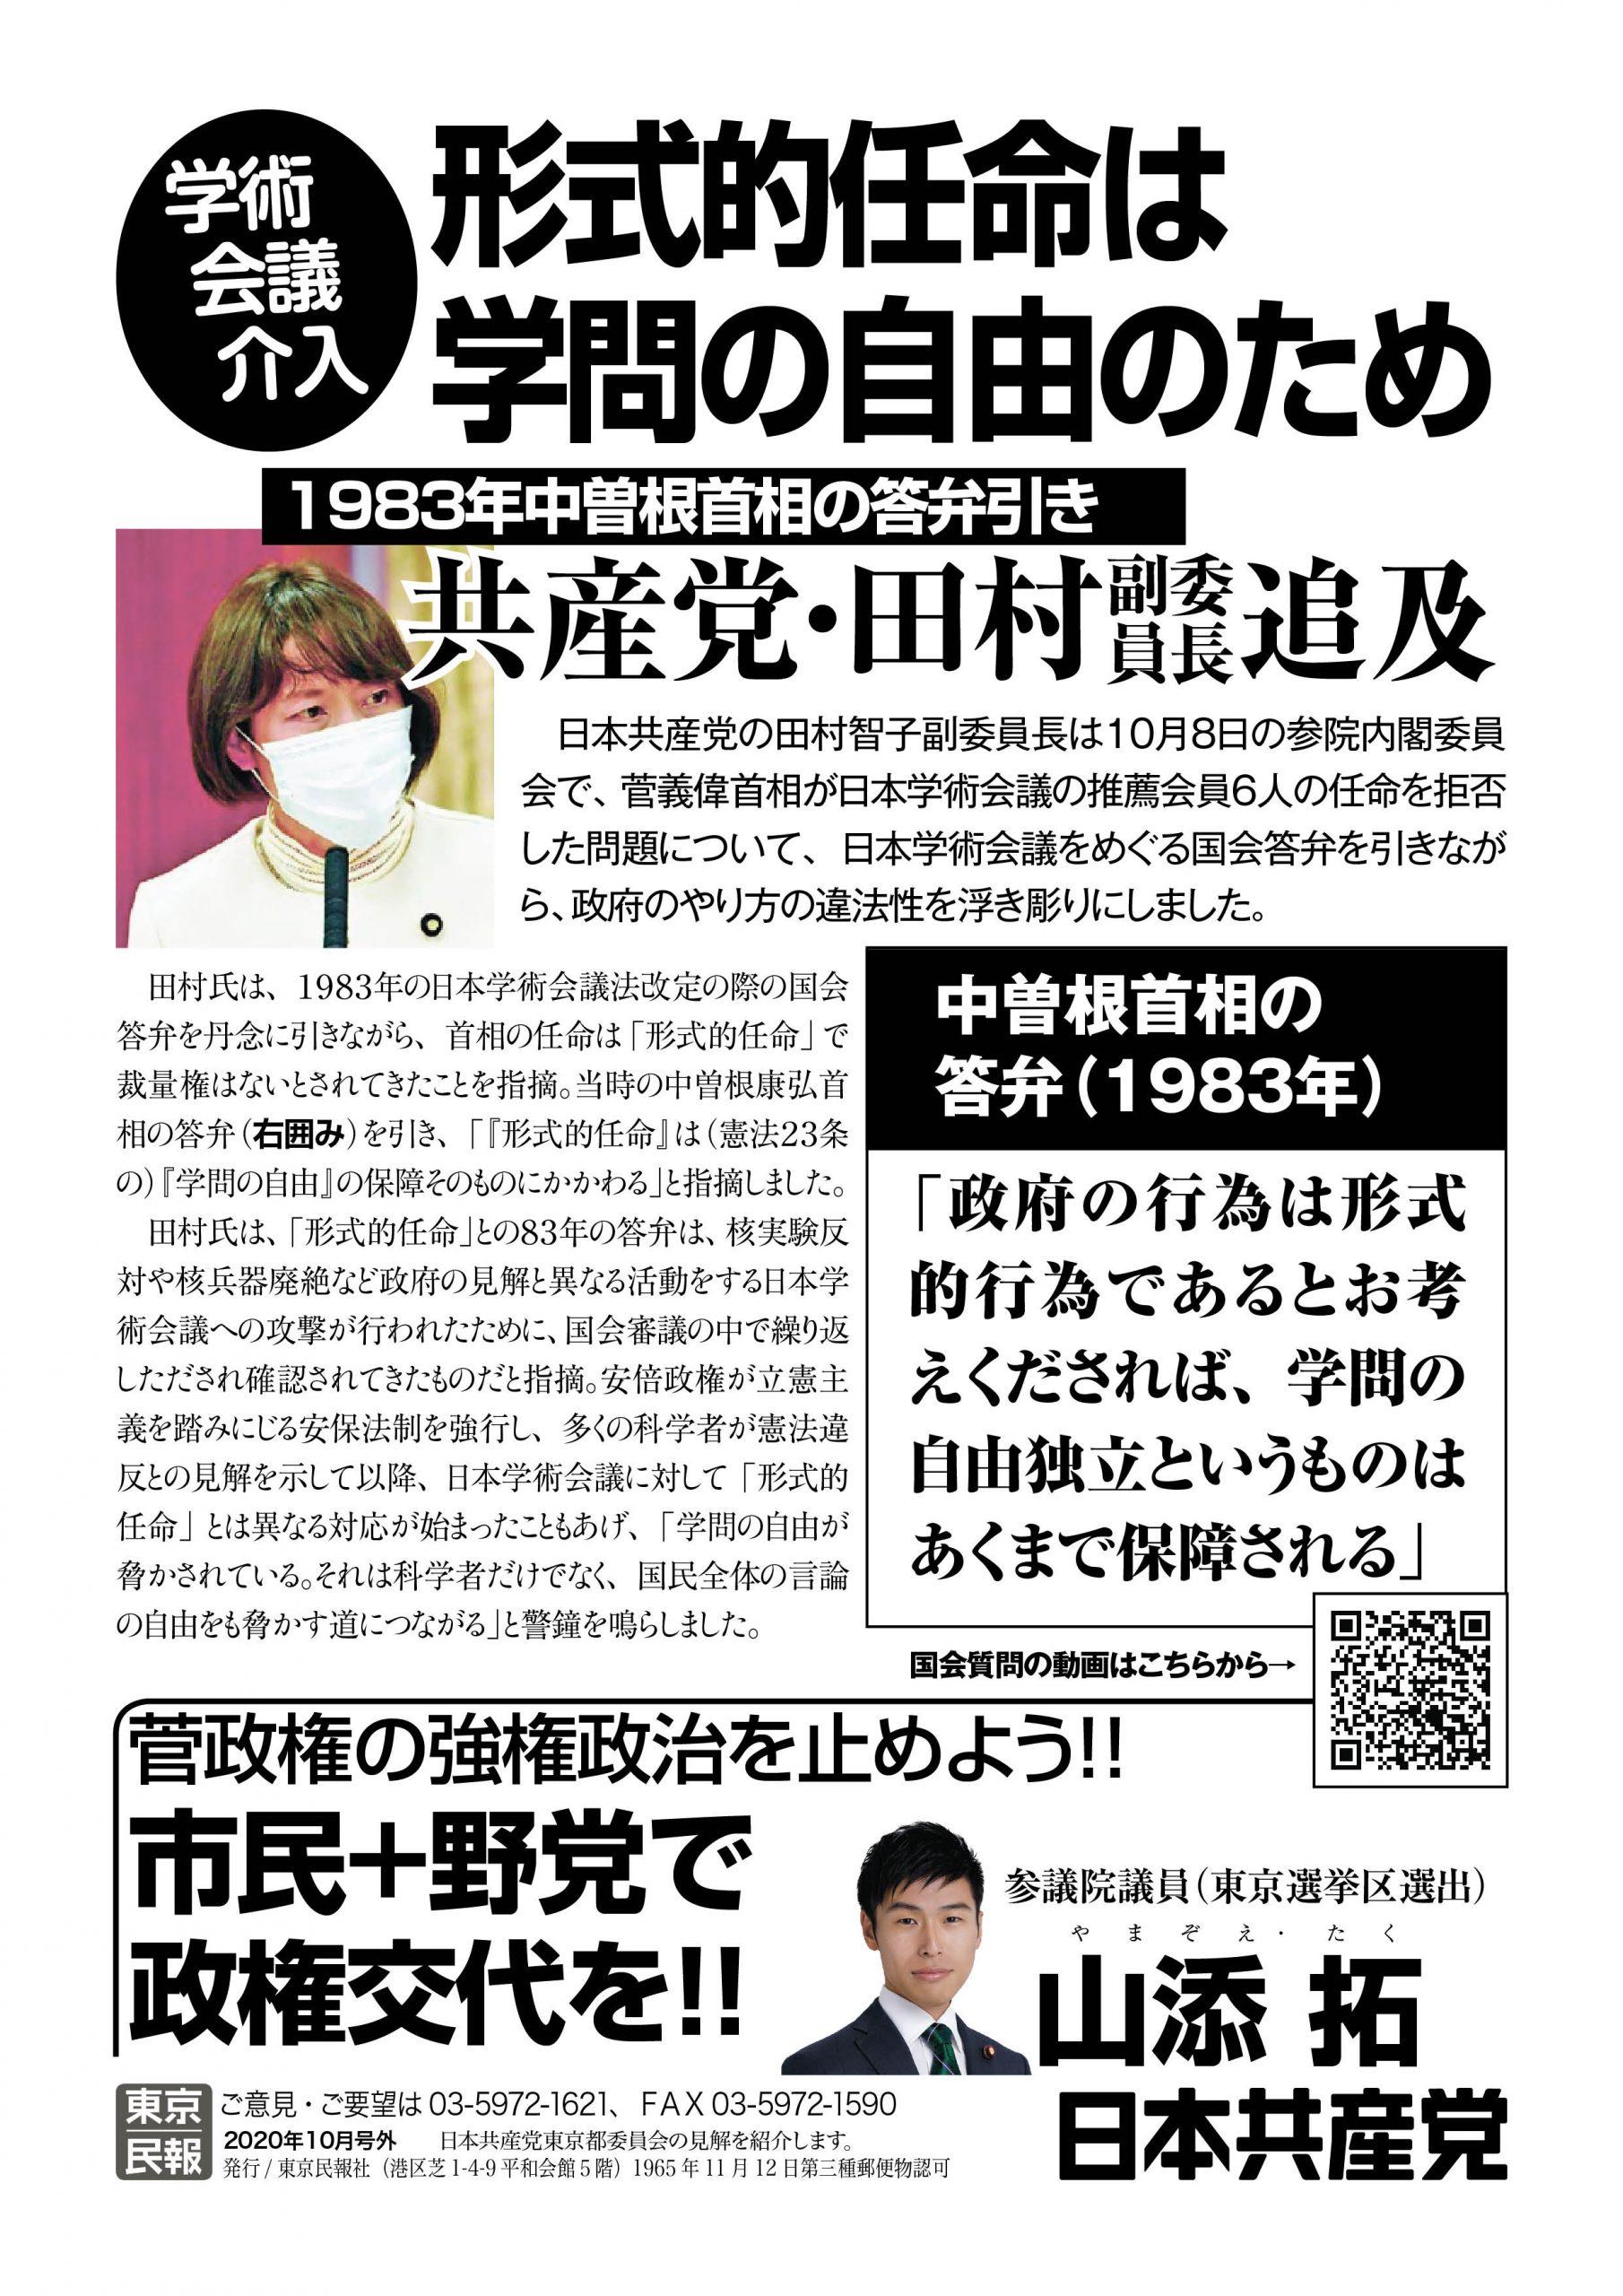 【ビラ】学術会議人事介入/共産党・田村智子副委員長が国会で追及